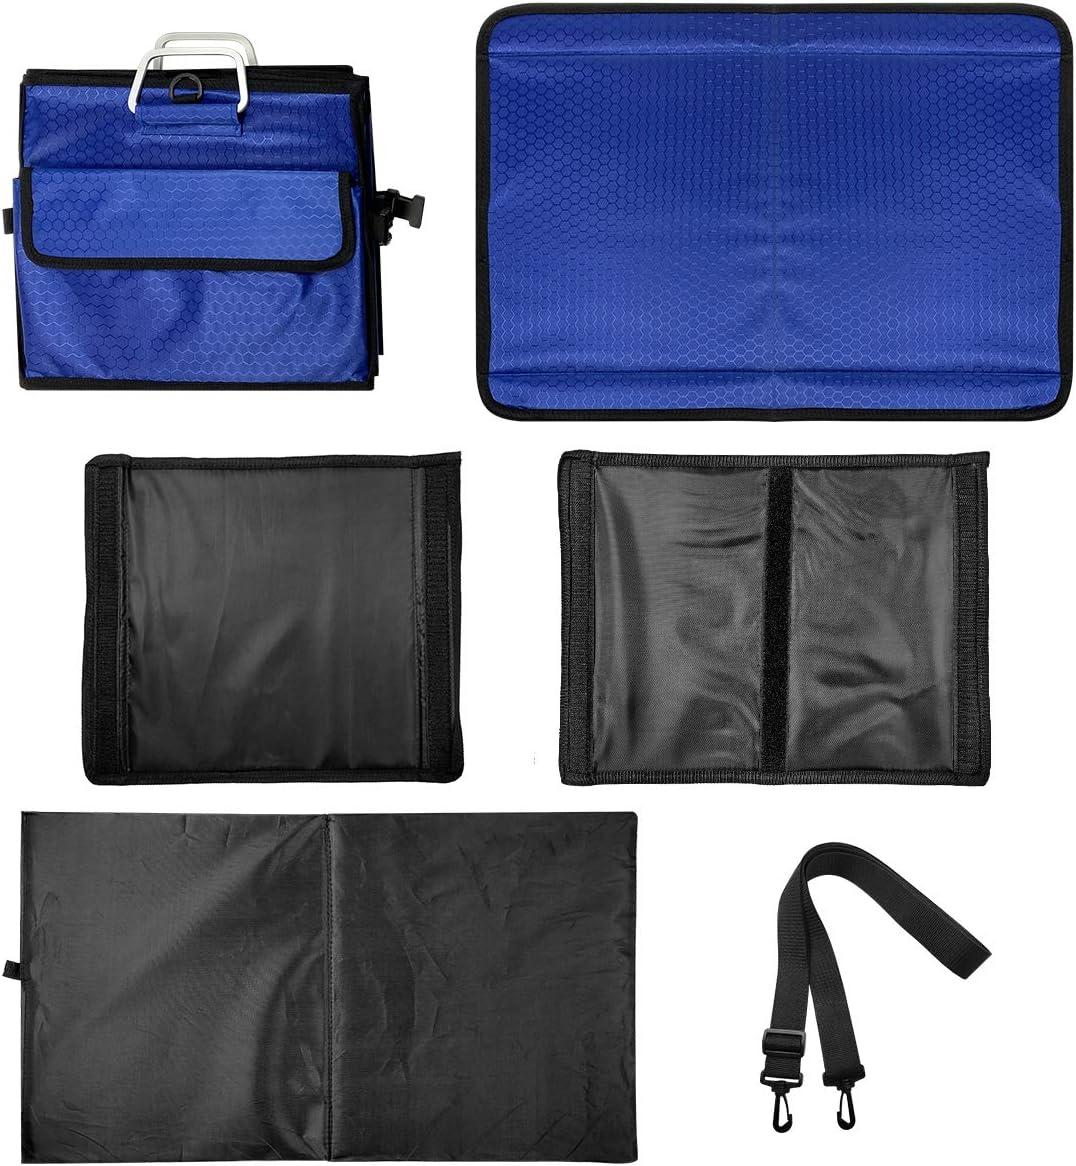 Macallen Organizer Portabagagli Auto Contenitore Borsa Bagagliaio Portaoggetti per Accessori Furgone Porta Oggetti Baule Rigido Divisorio 60x35x30 cm Blu